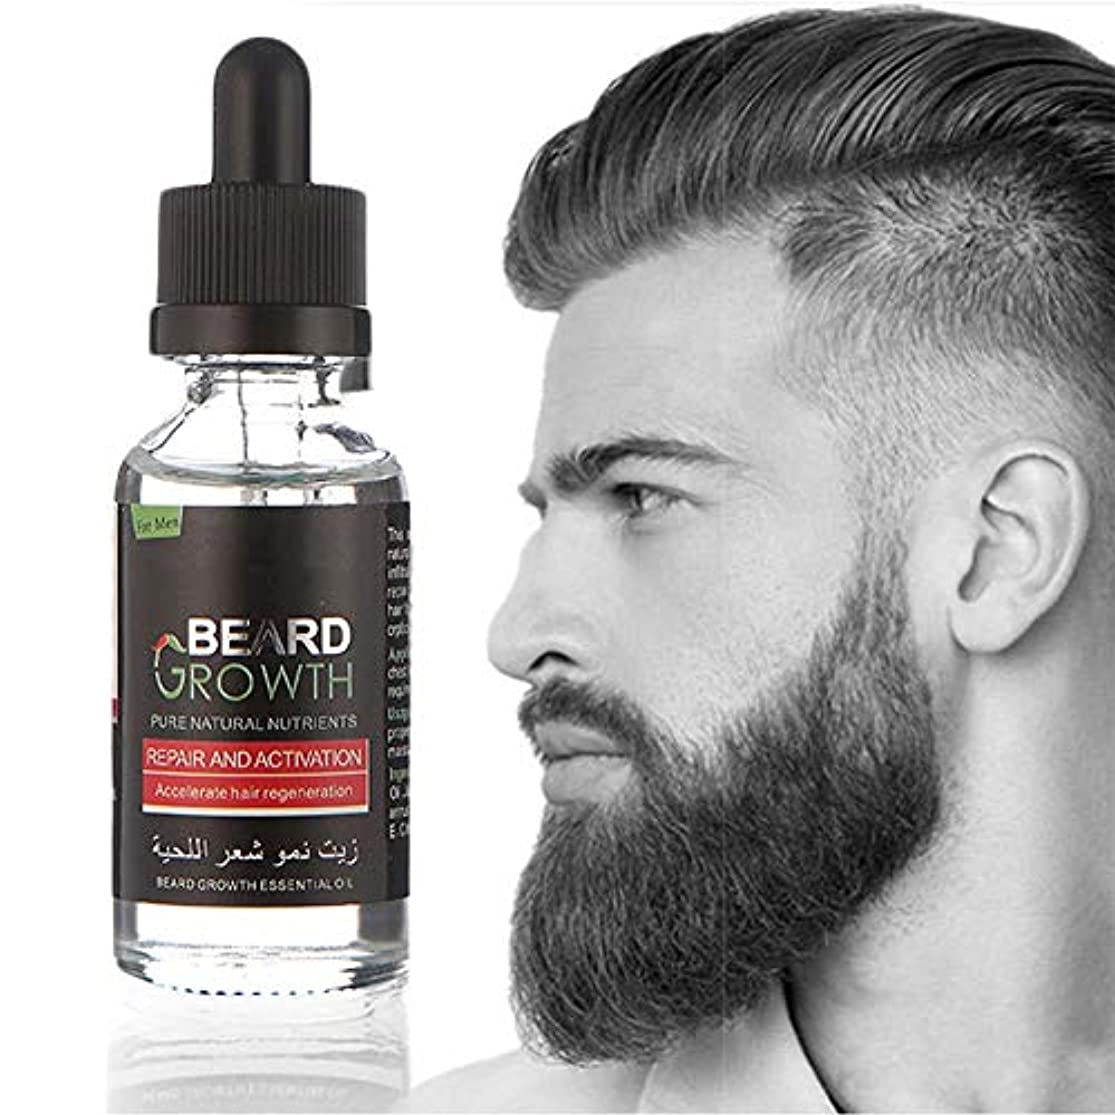 むしゃむしゃケージあさりひげ油 オイル 男性の髭ケア ひげの成長 100% ナチュラル オーガニック 植物油 ヘア コンディショナー 育毛 トニック 眉毛 増毛 育毛ソリューション